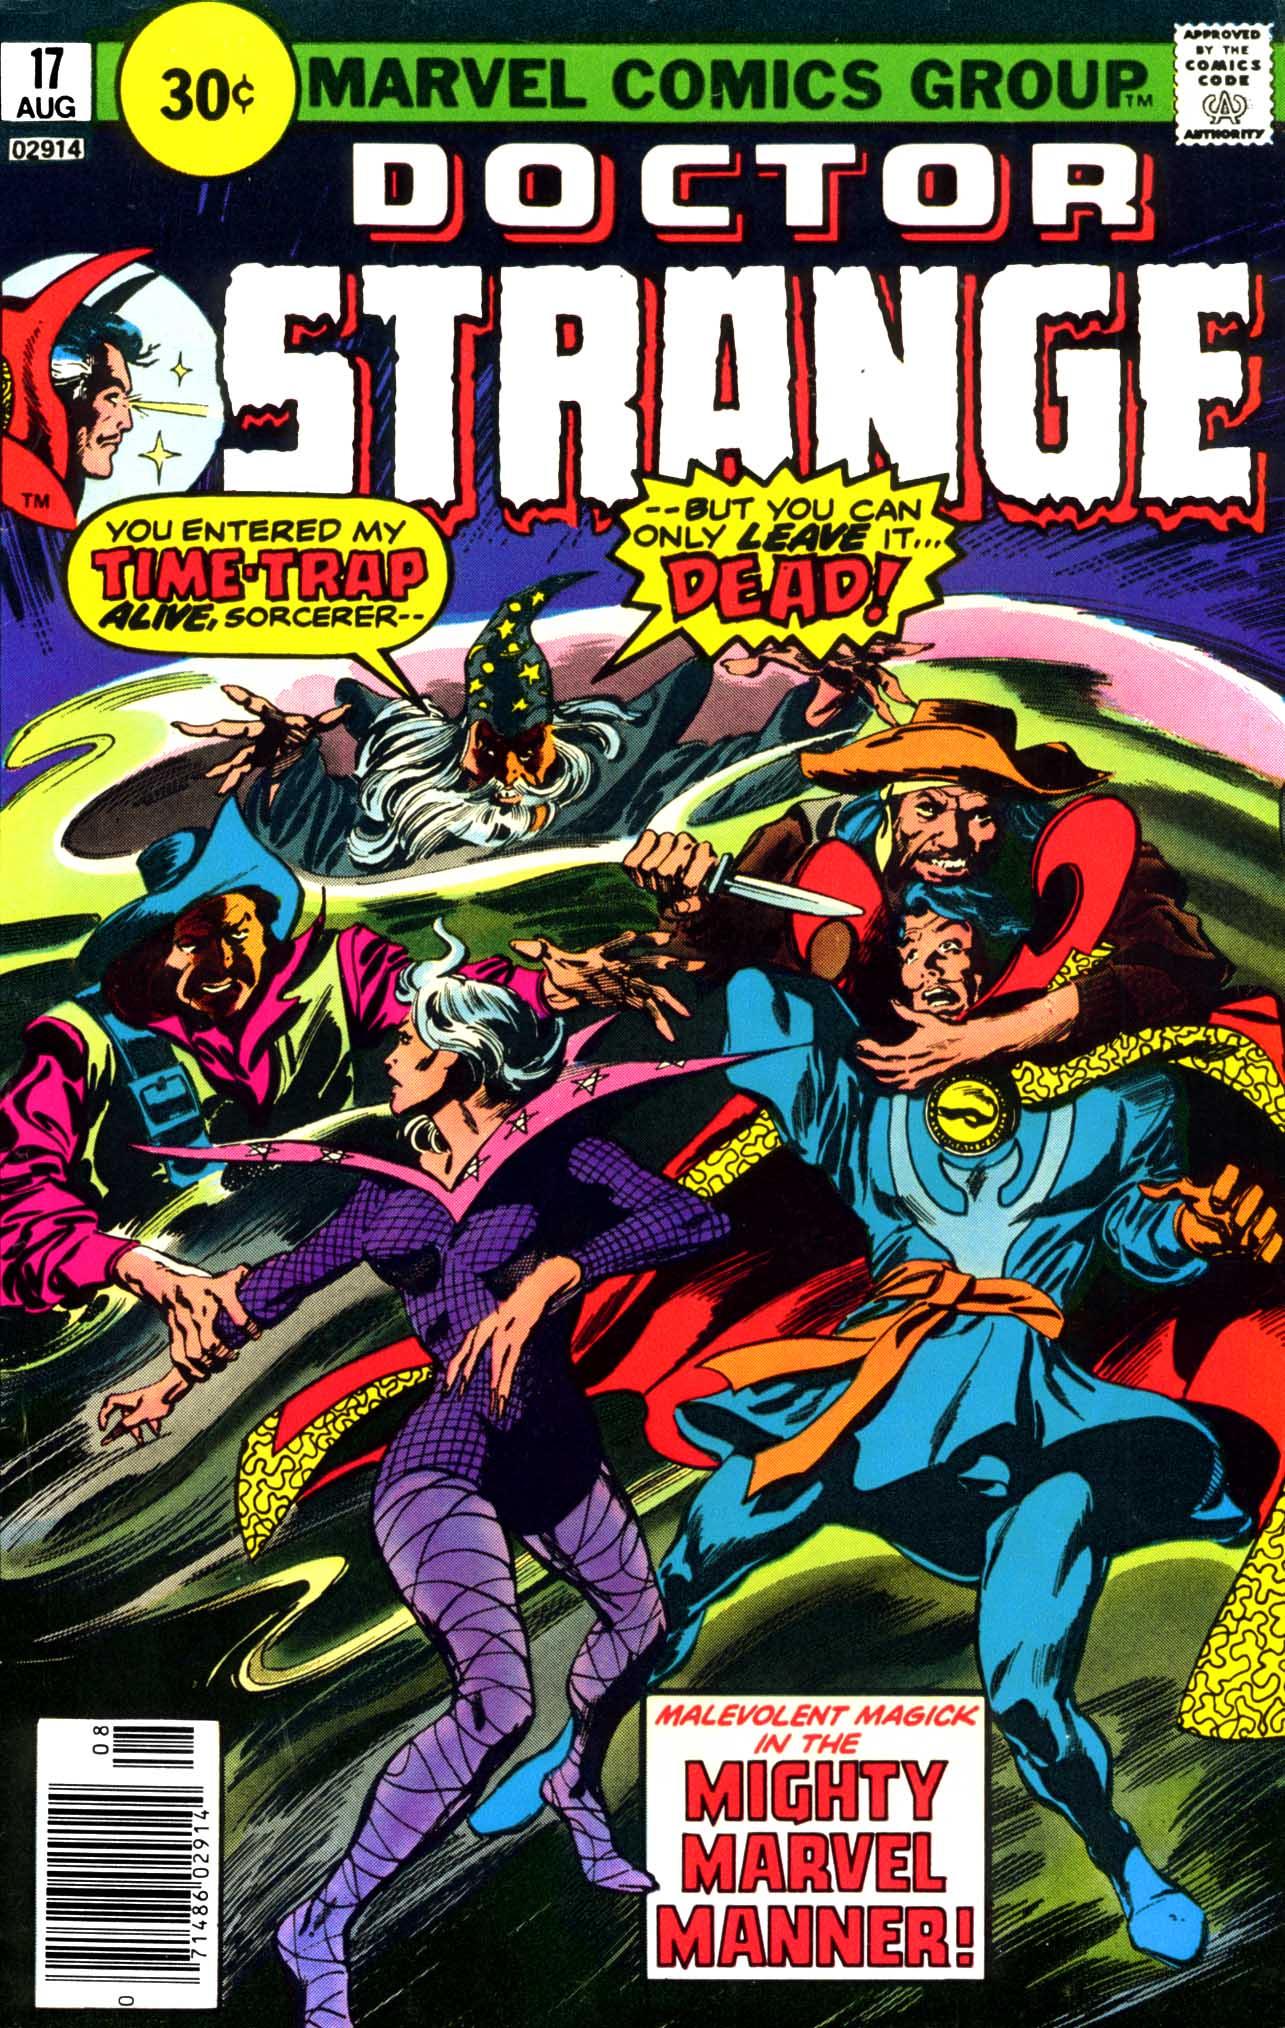 Doctor Strange (1974) 17 Page 1